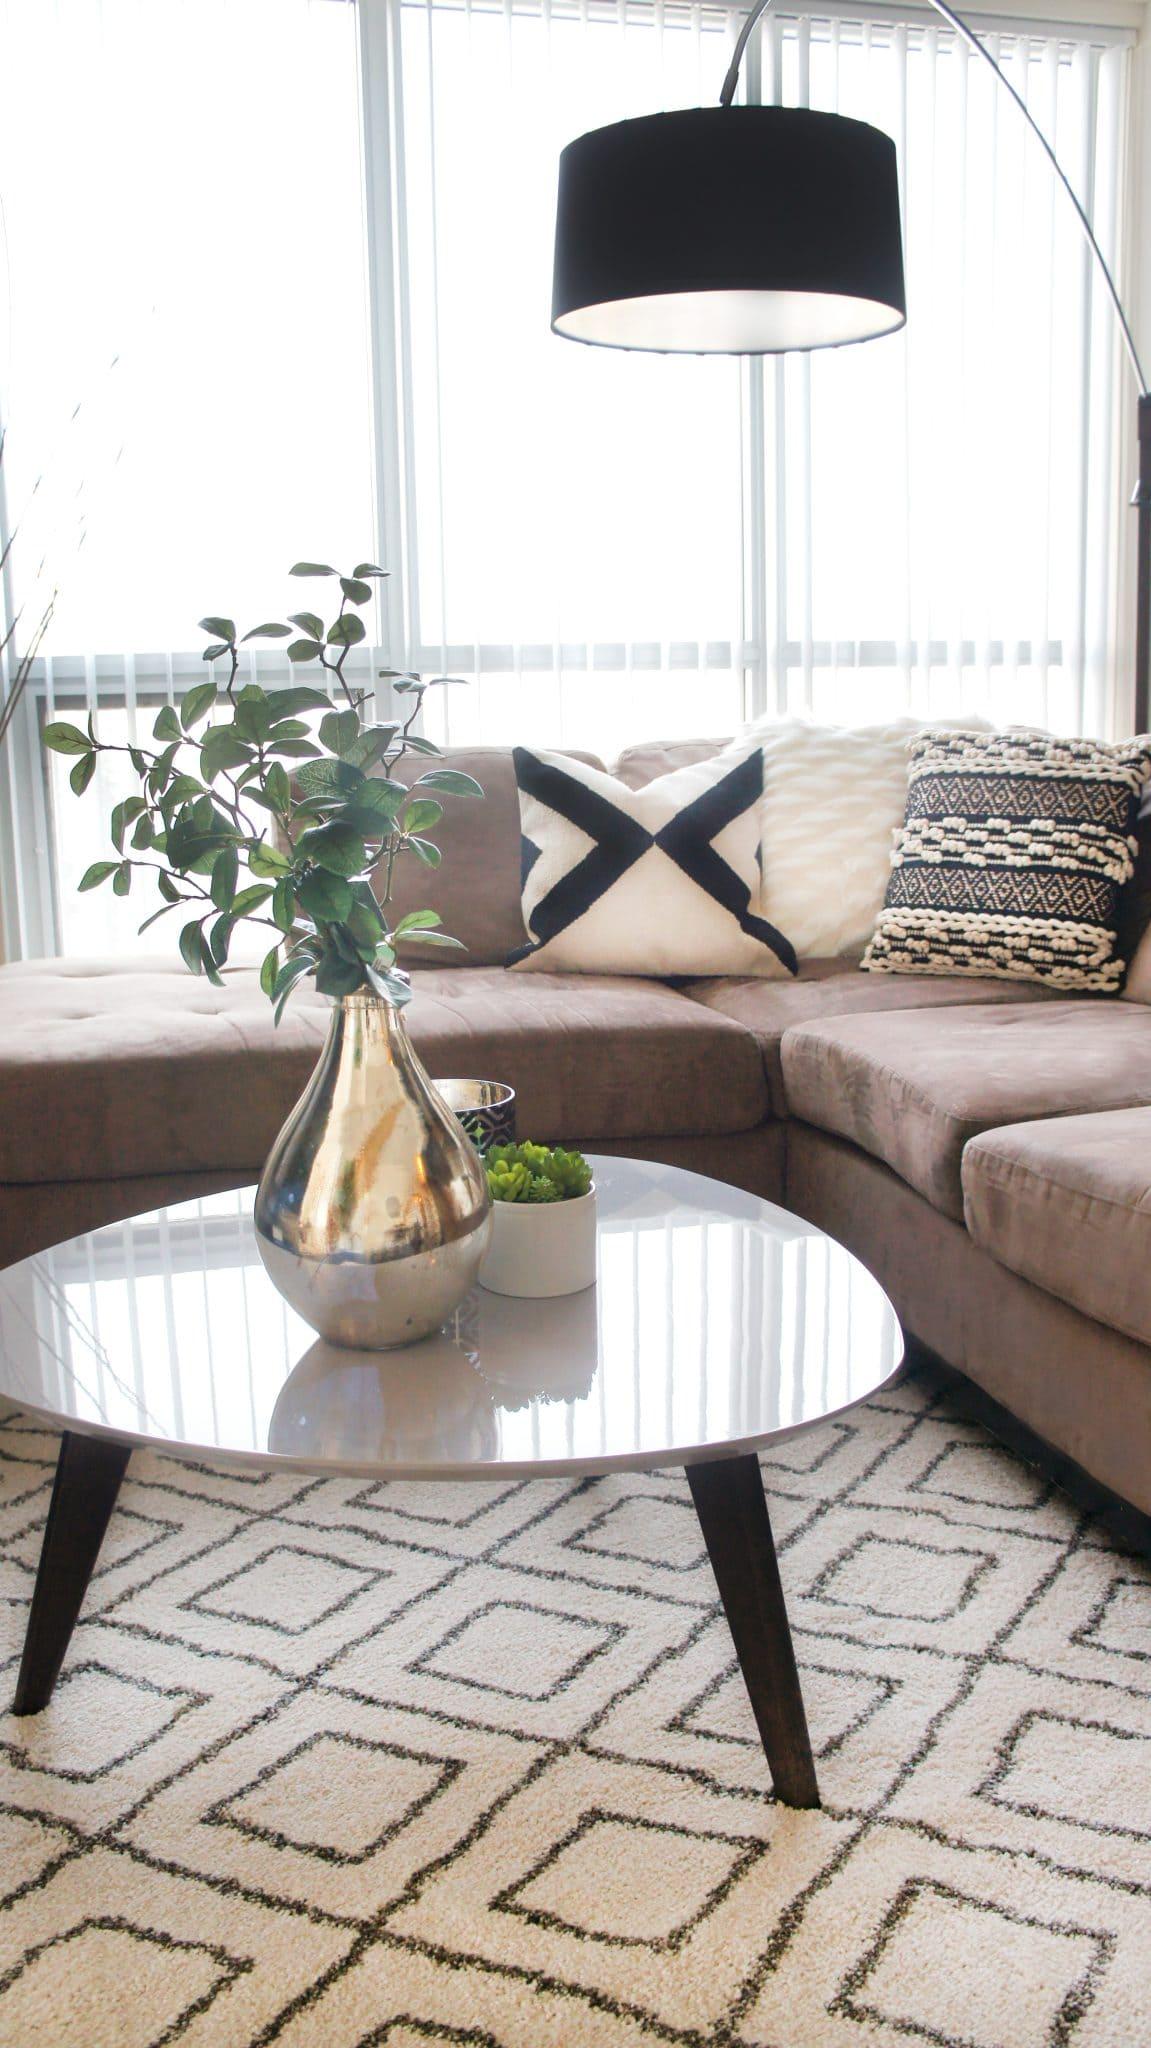 toronto designer, decorating, living room, bedroom, designer